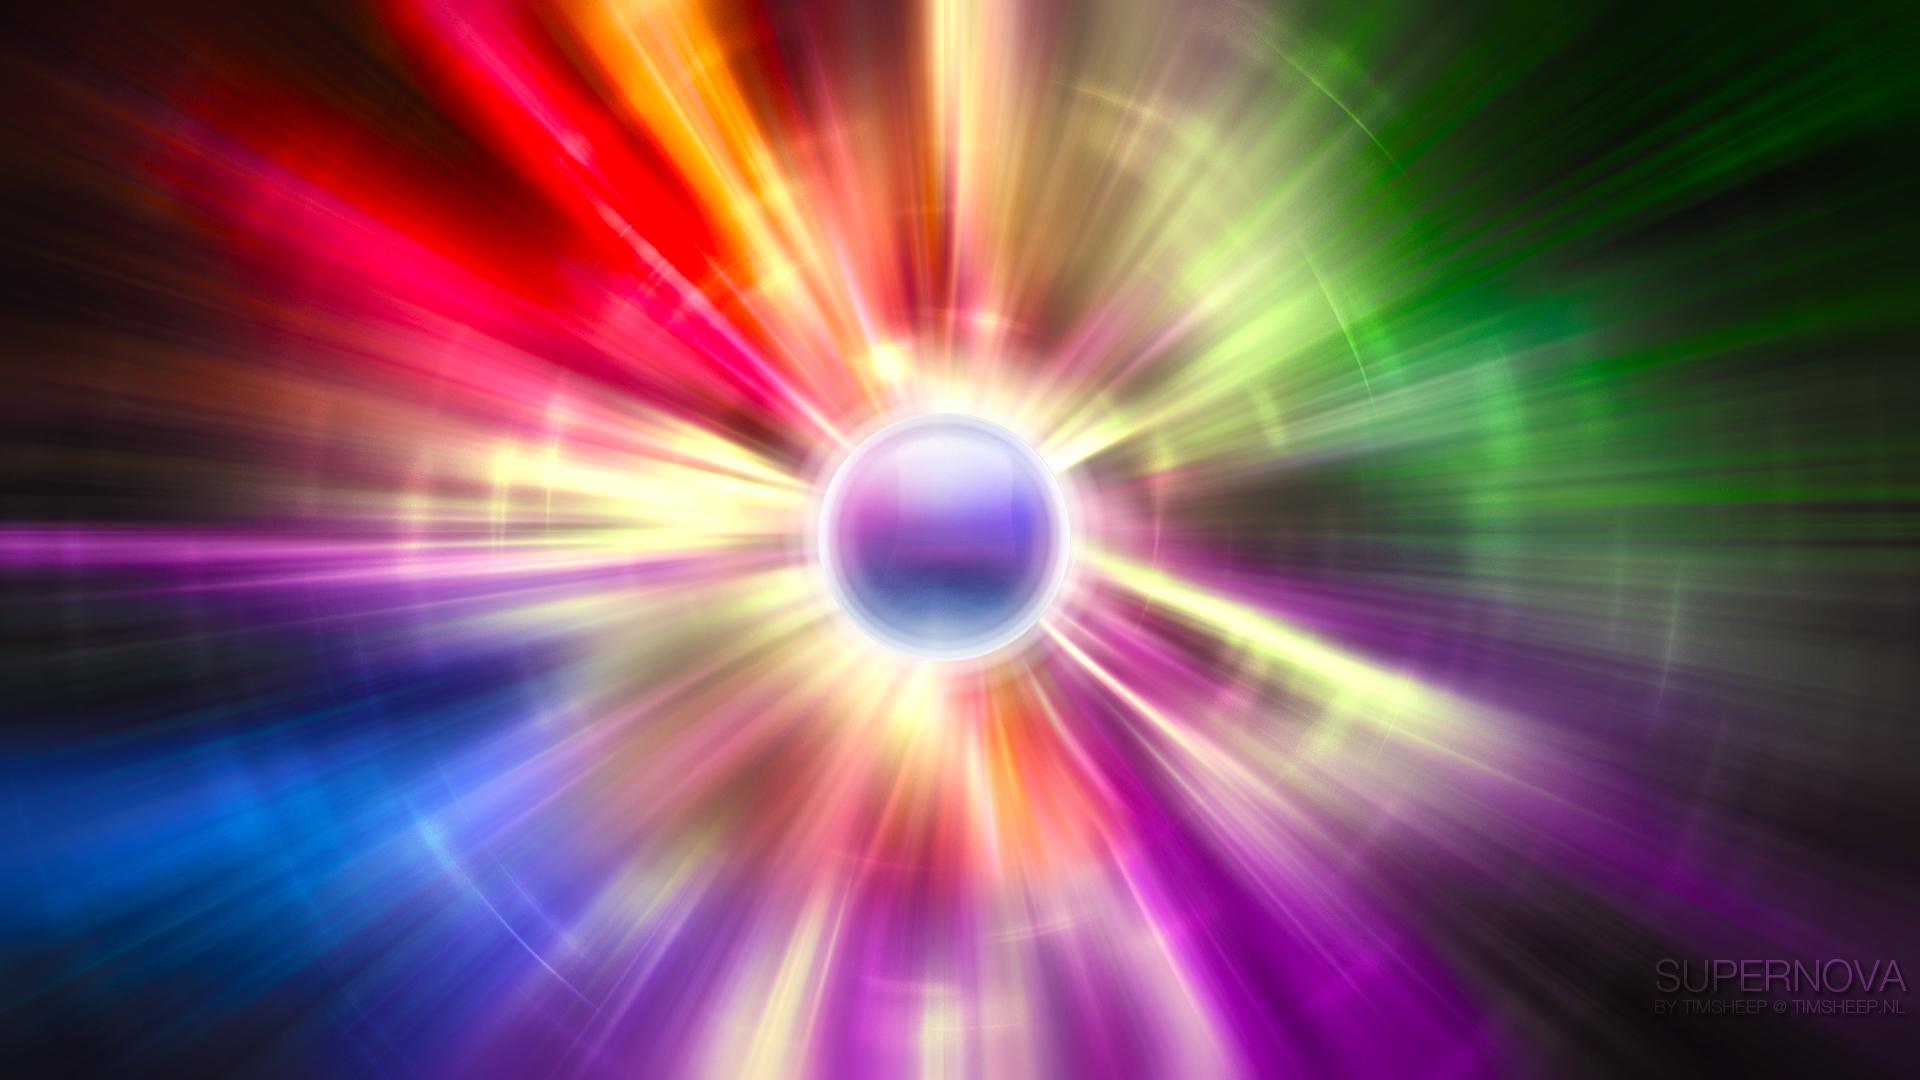 supernova wallpaper widescreen - photo #27